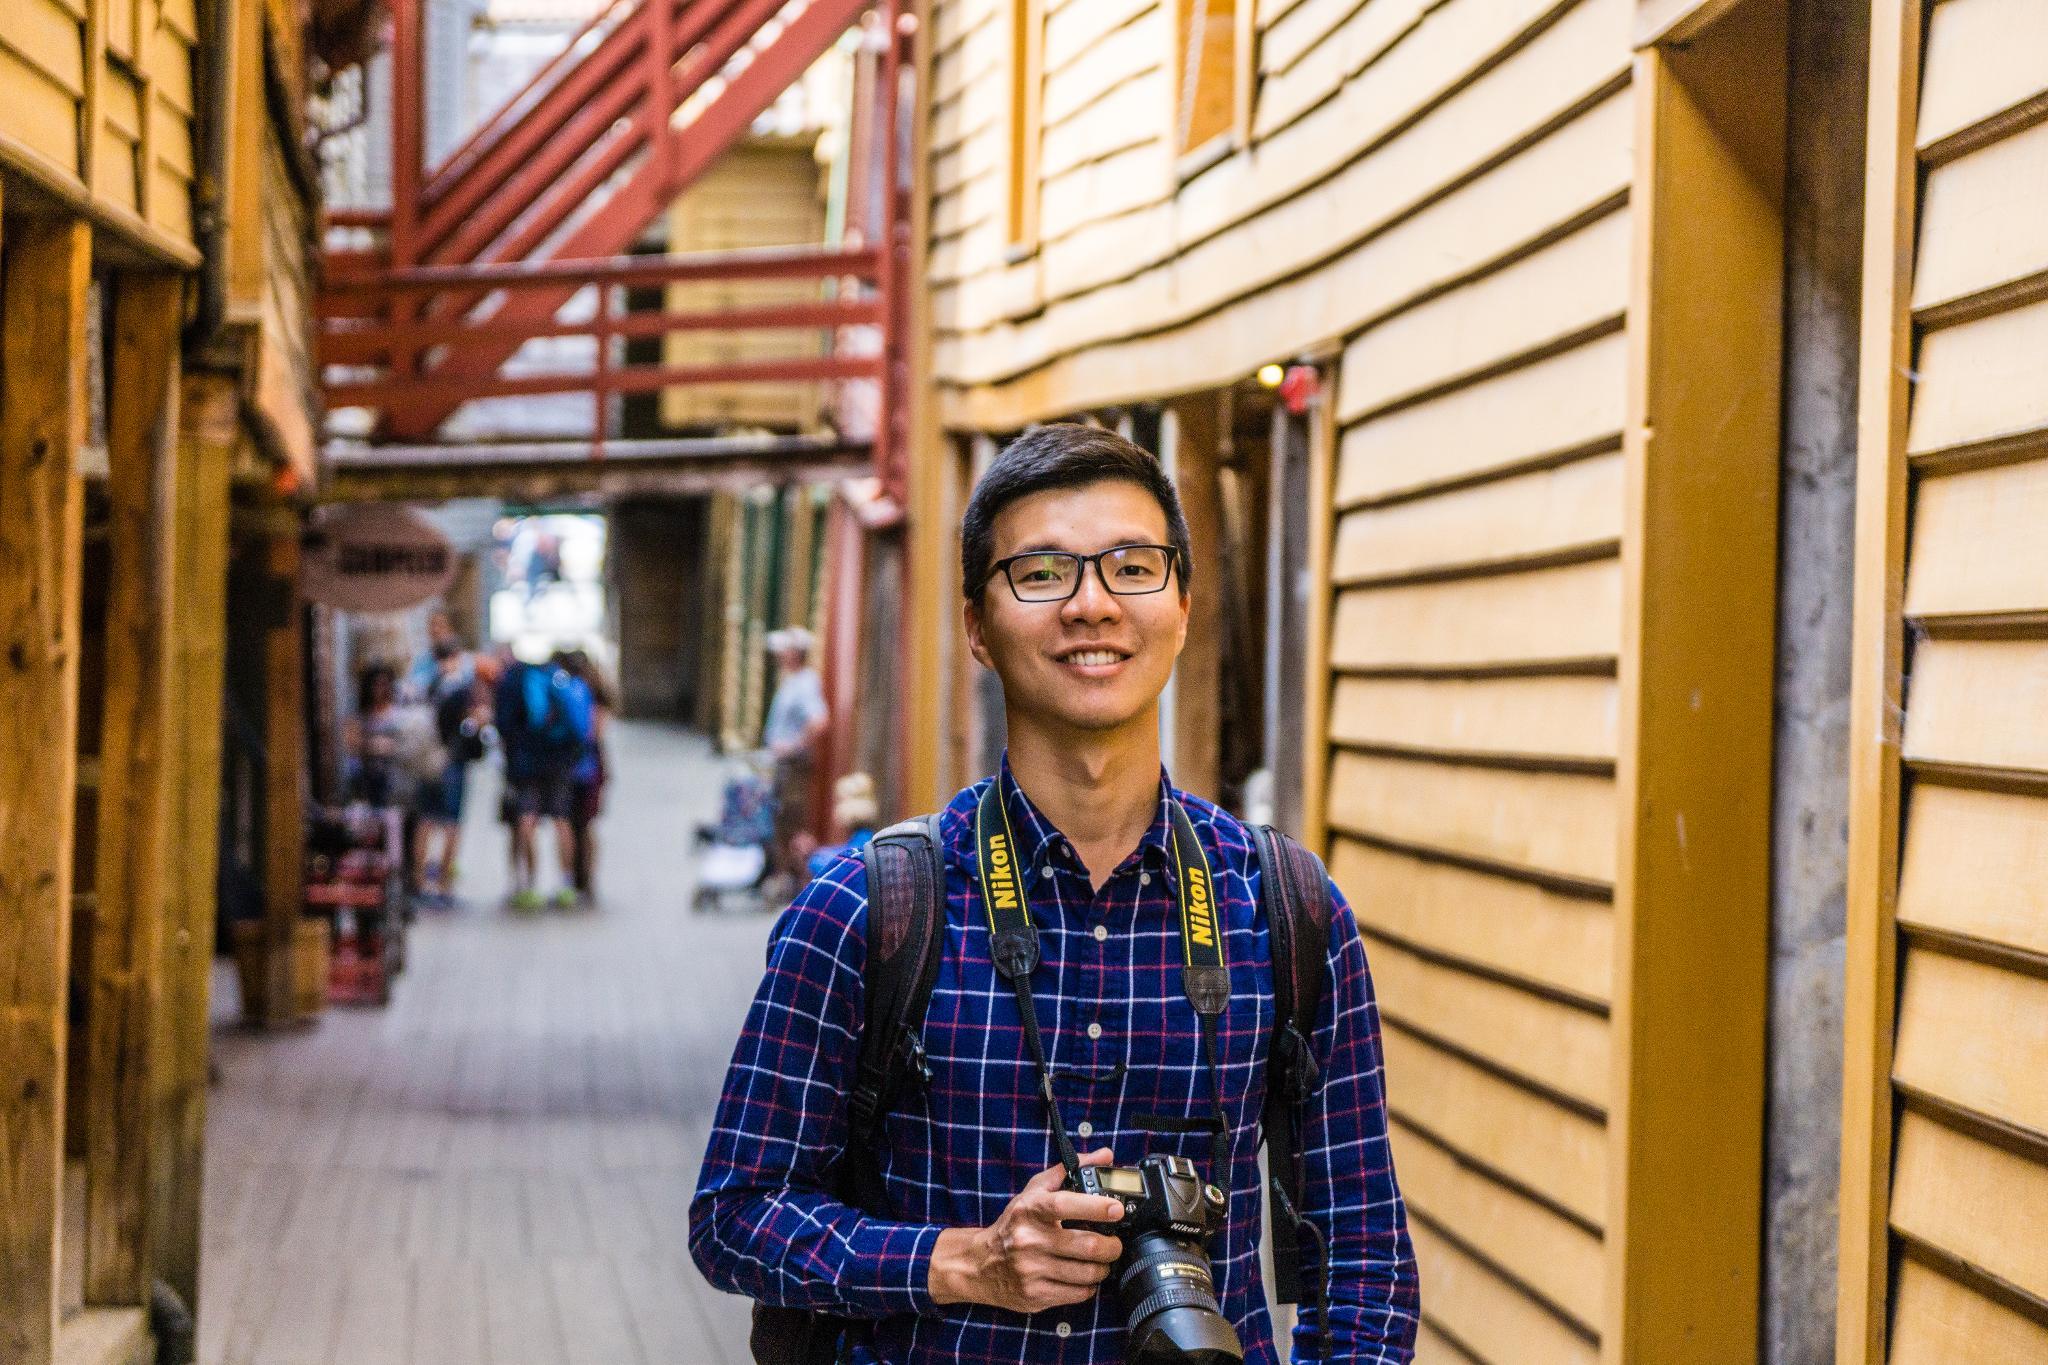 【卑爾根】Bryggen 世界遺產布呂根 — 迷失在百年歷史的挪威彩色木屋 19